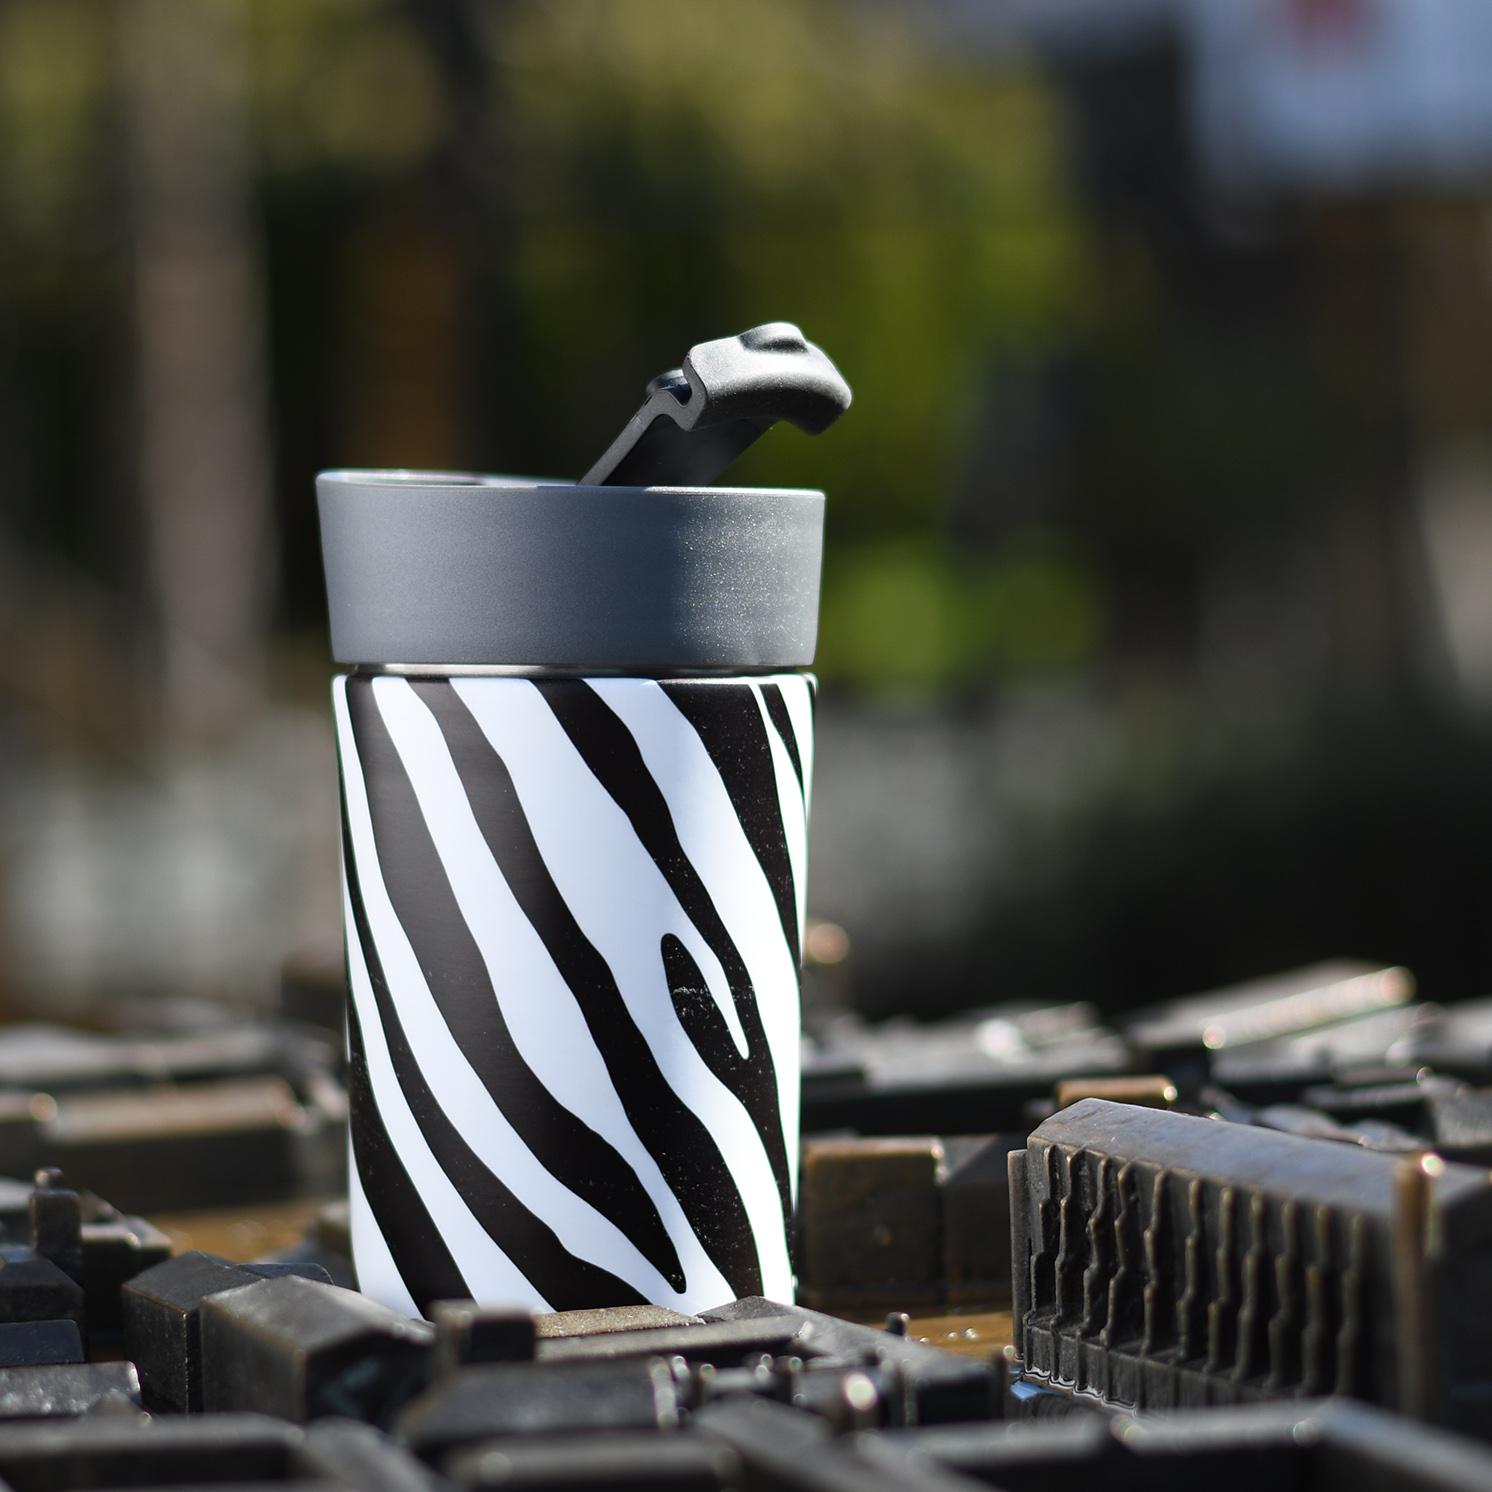 Navigate – 'Madagascar' Sloth Insulated Lunch Tote Bag & Zebra Stripe Travel Mug